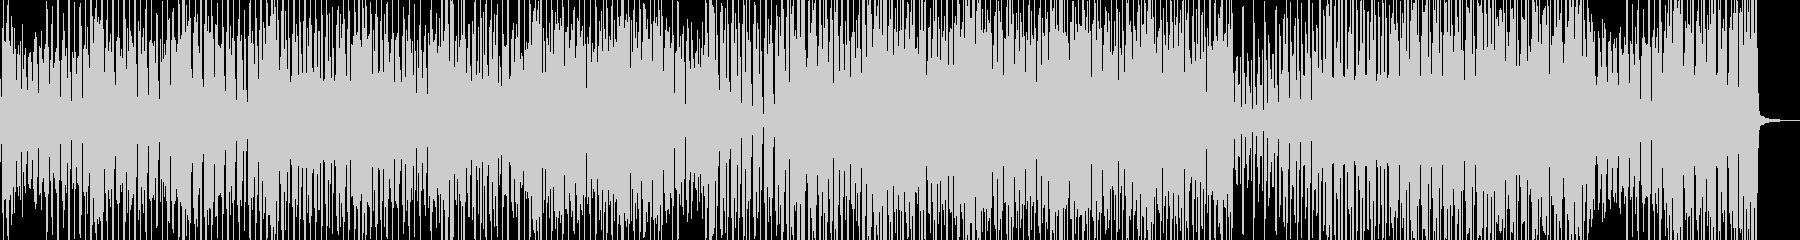 クせになるハイテンション三味線テクノ Aの未再生の波形